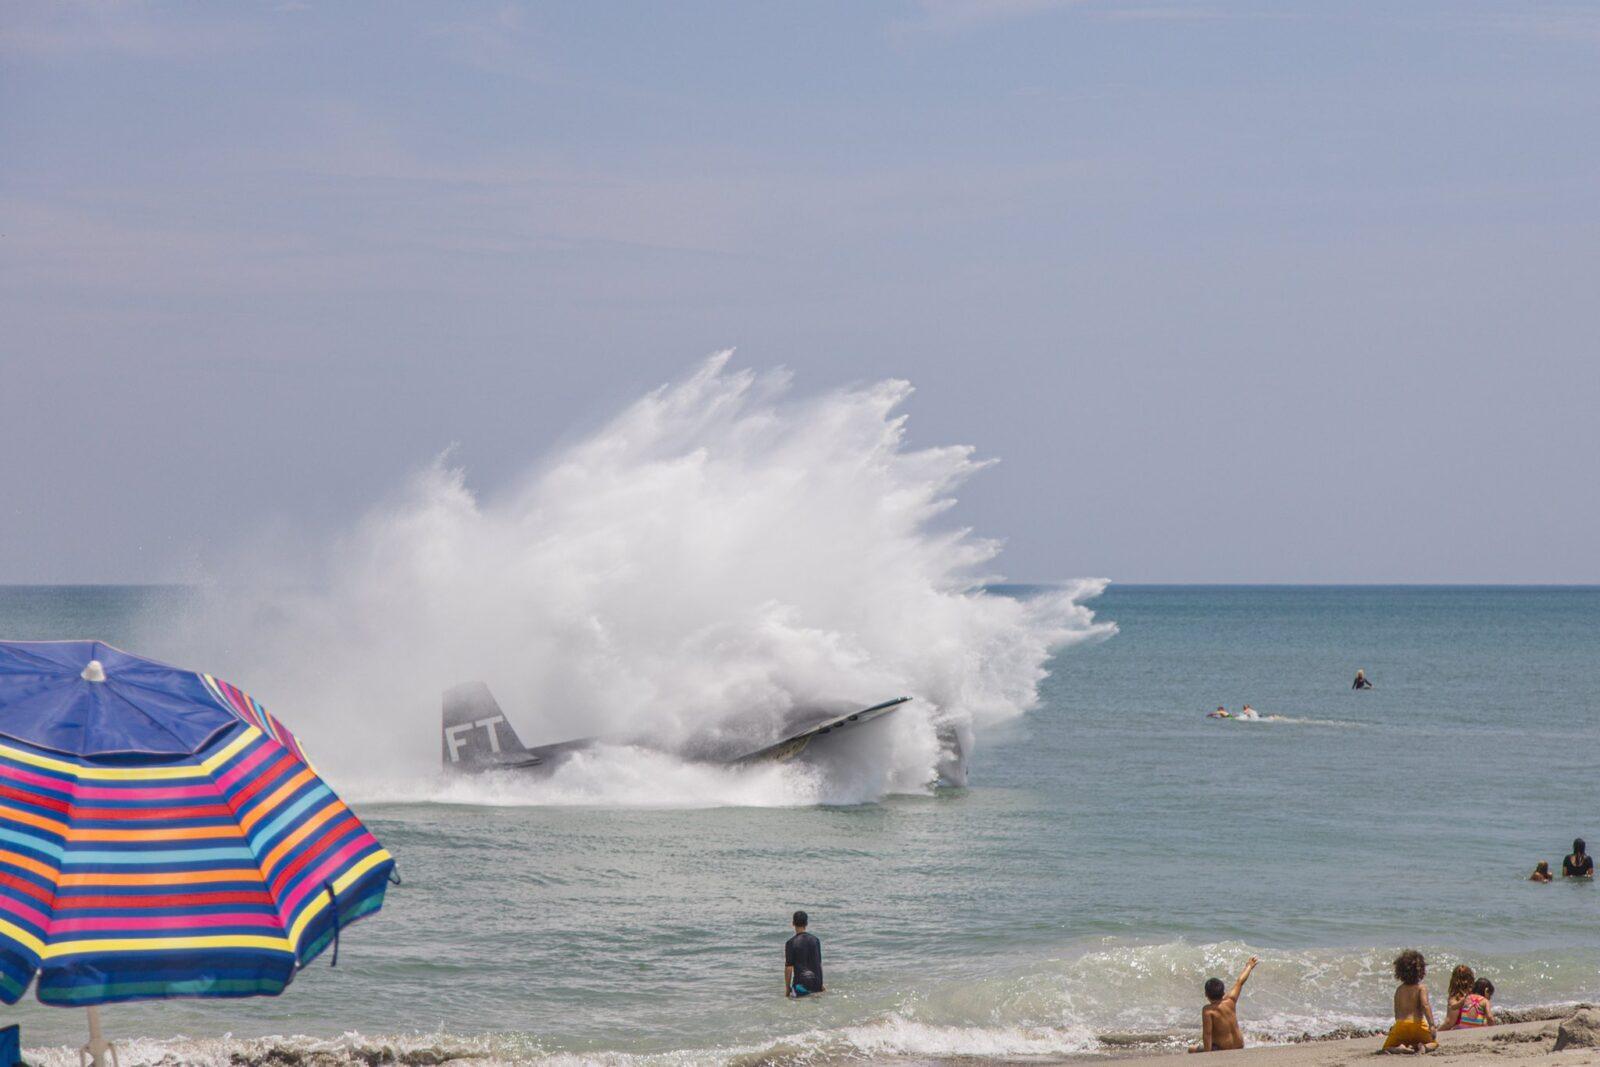 Impresionante aterrizaje de un avión de la Segunda Guerra Mundial en una playa llena de turistas